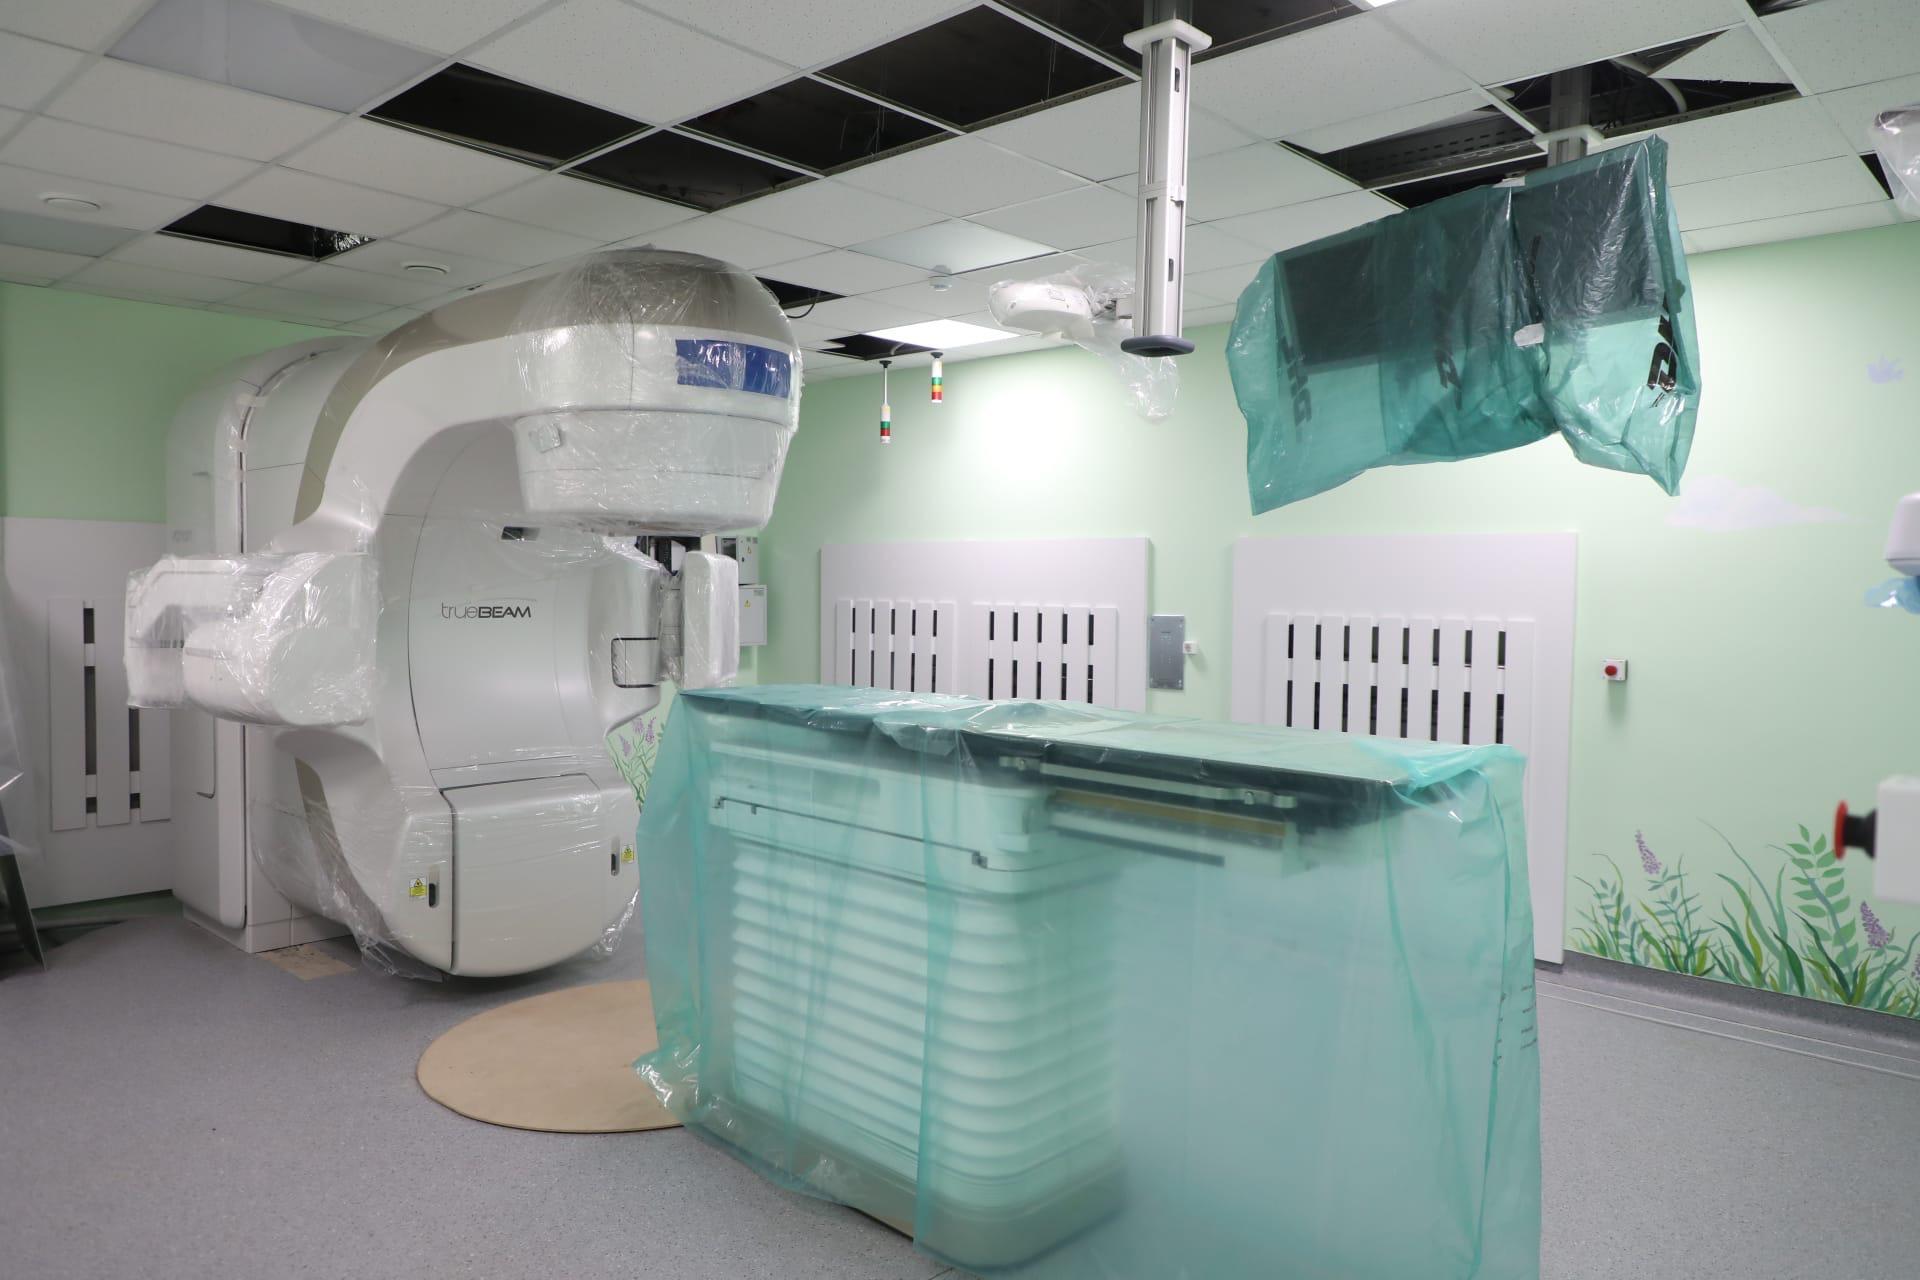 В областной больнице №2 Череповца устанавливают новый комплекс лучевой терапии